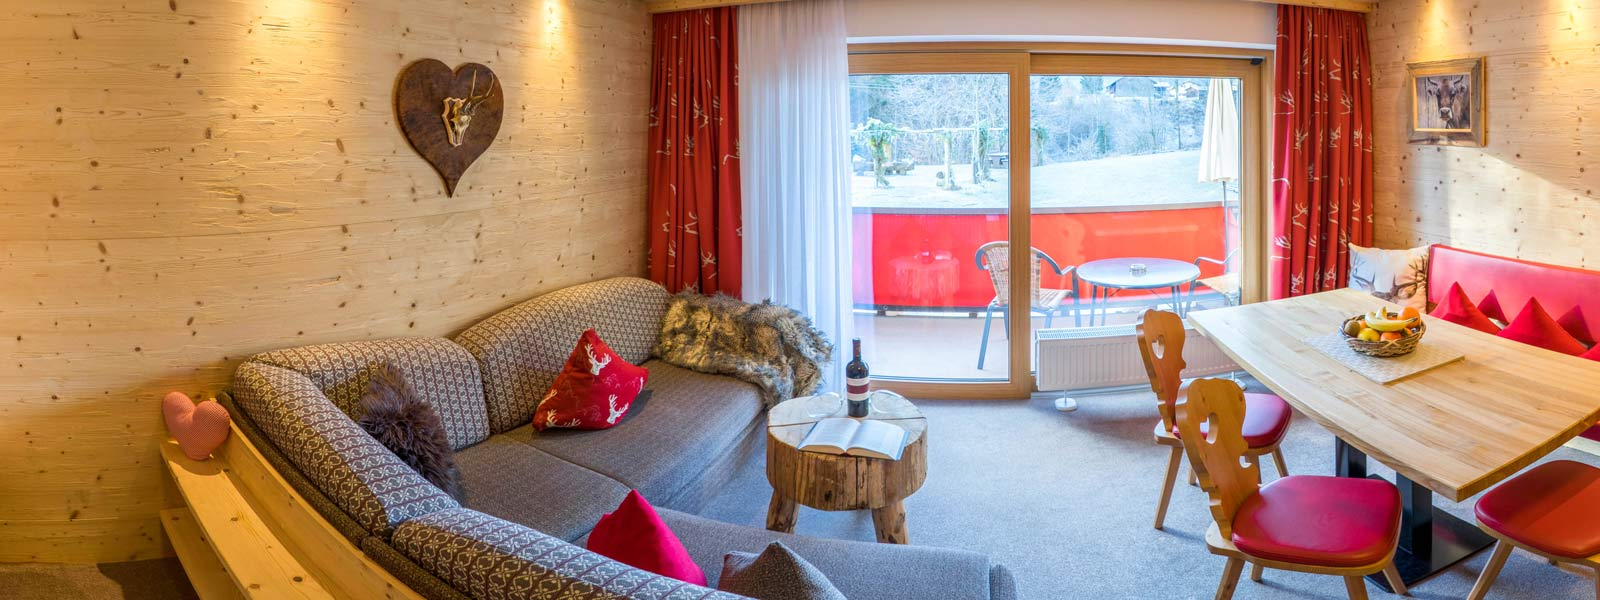 Brunnenhof Oberstdorf Ferienwohnung mit Hotelservice